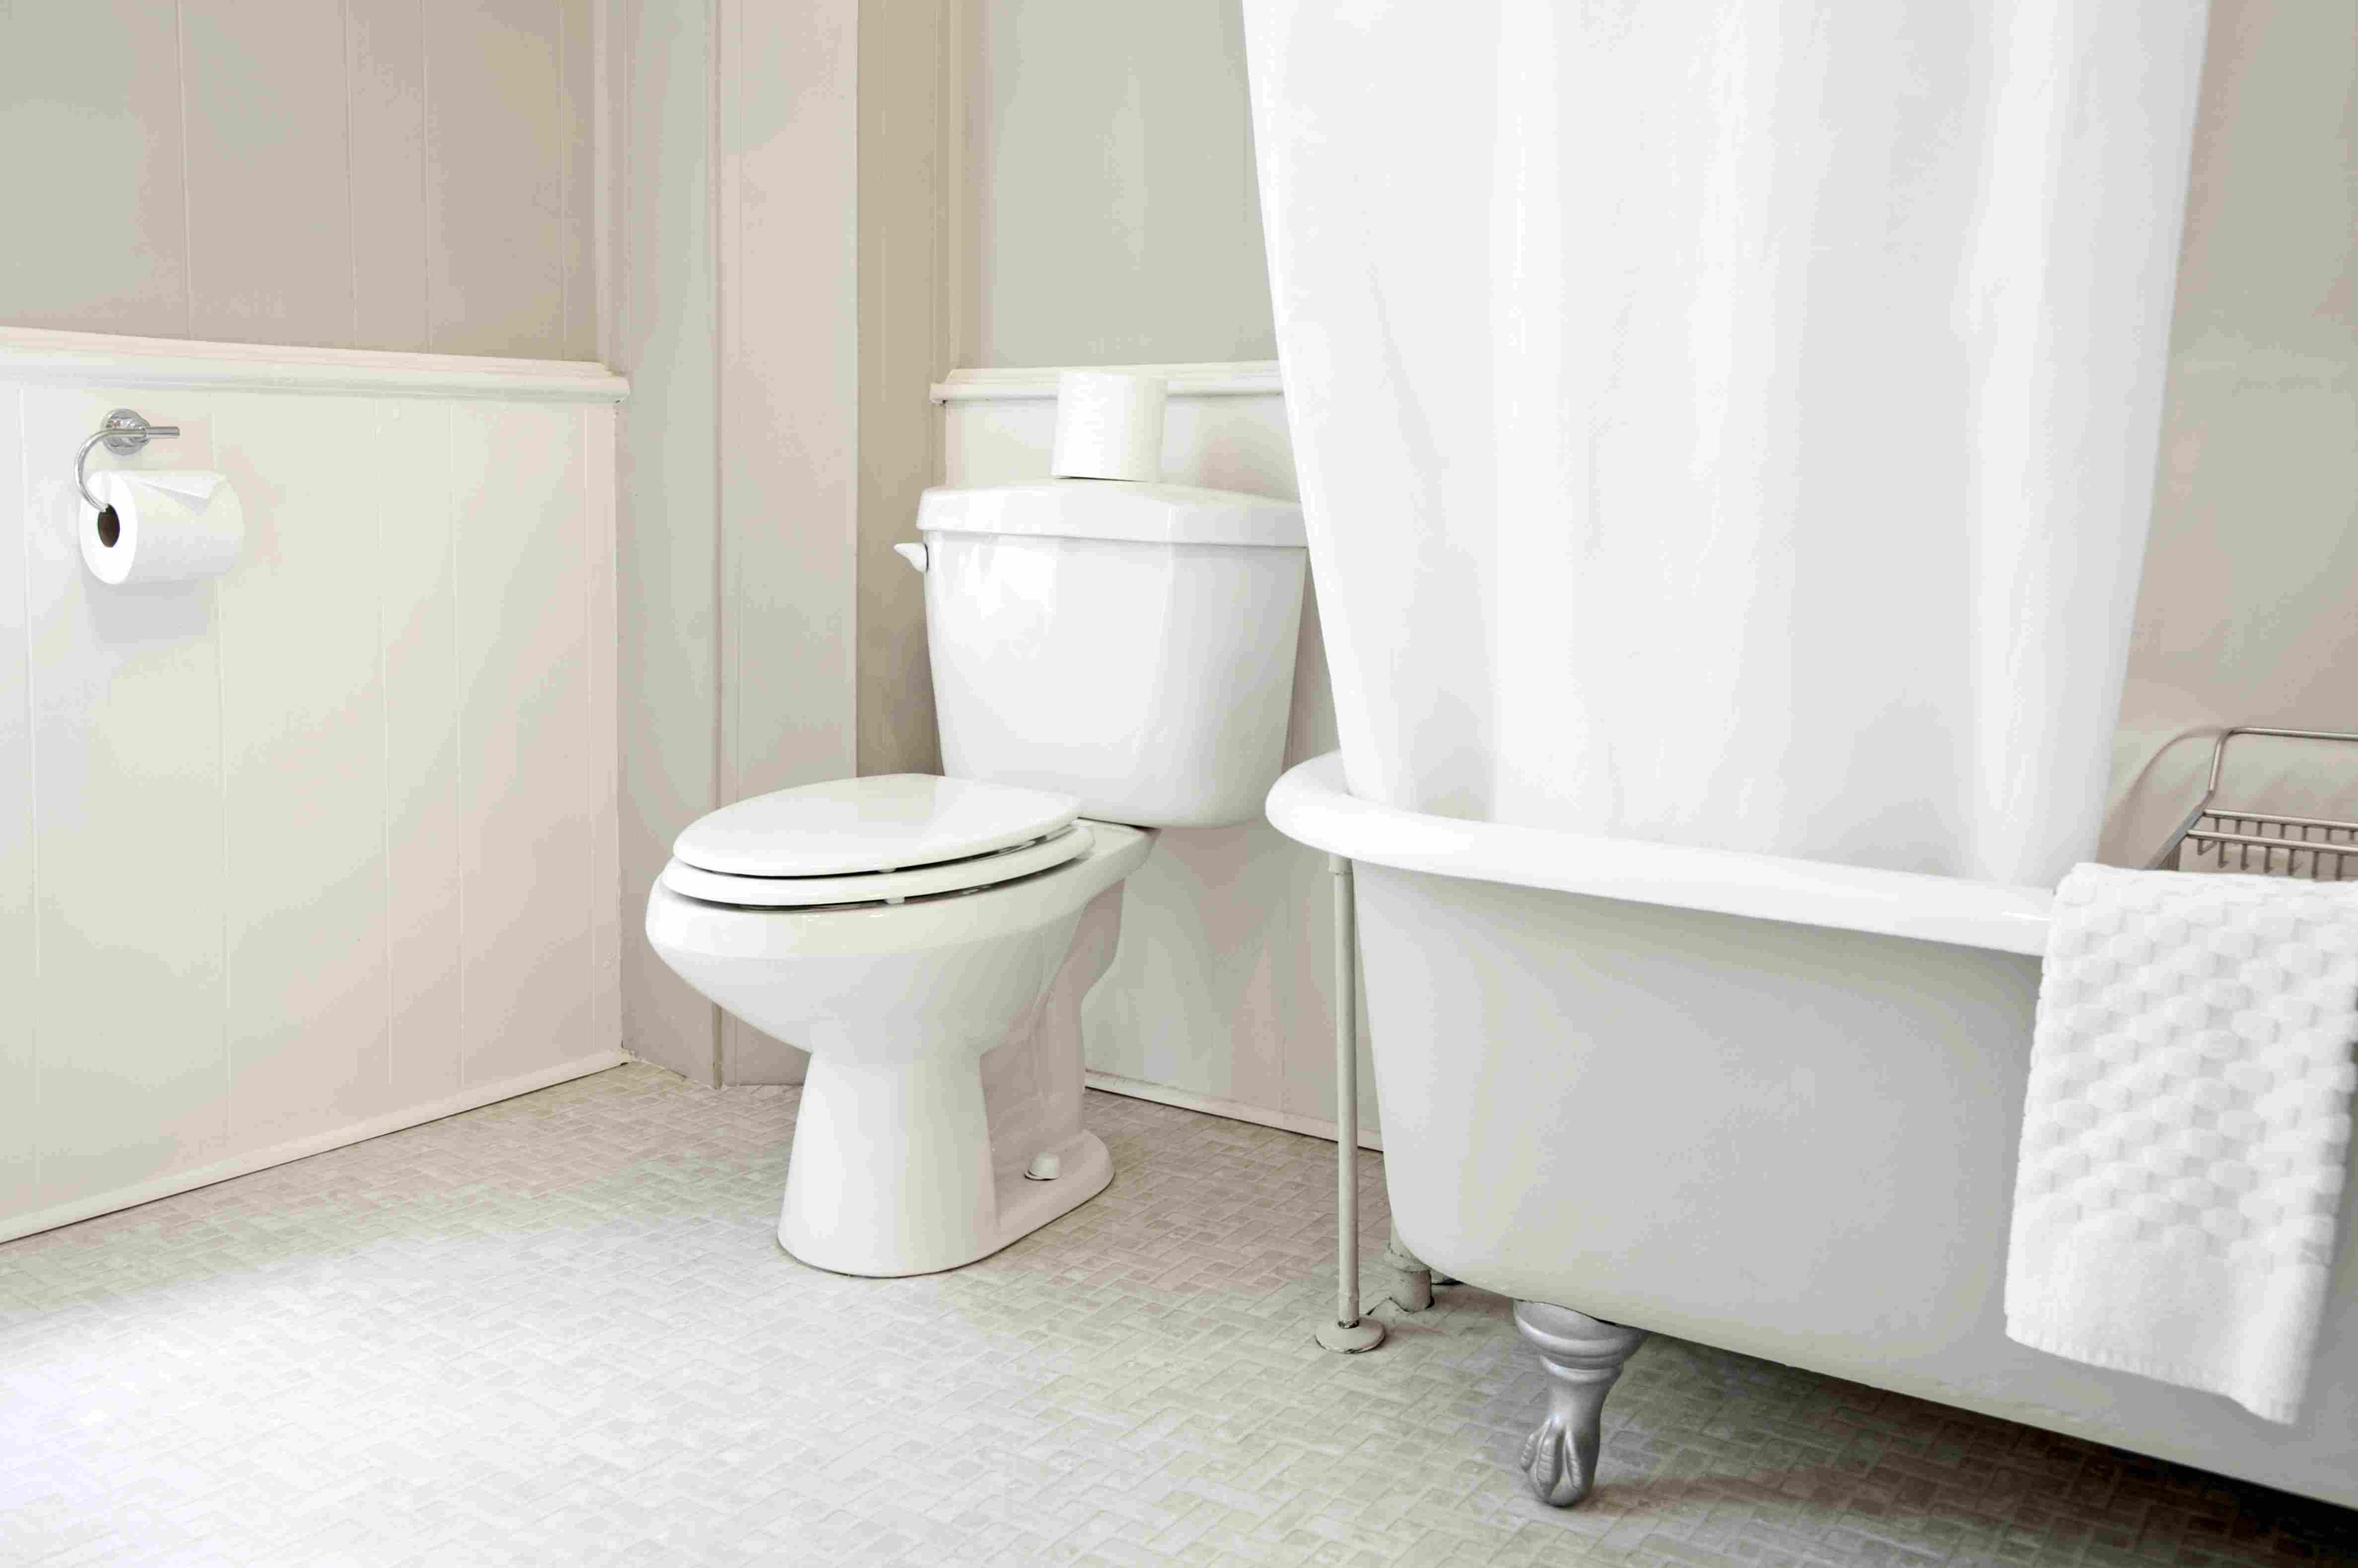 Toilet Pret Spel : Toilet pret te koop u ac in nevele landegem dehands be